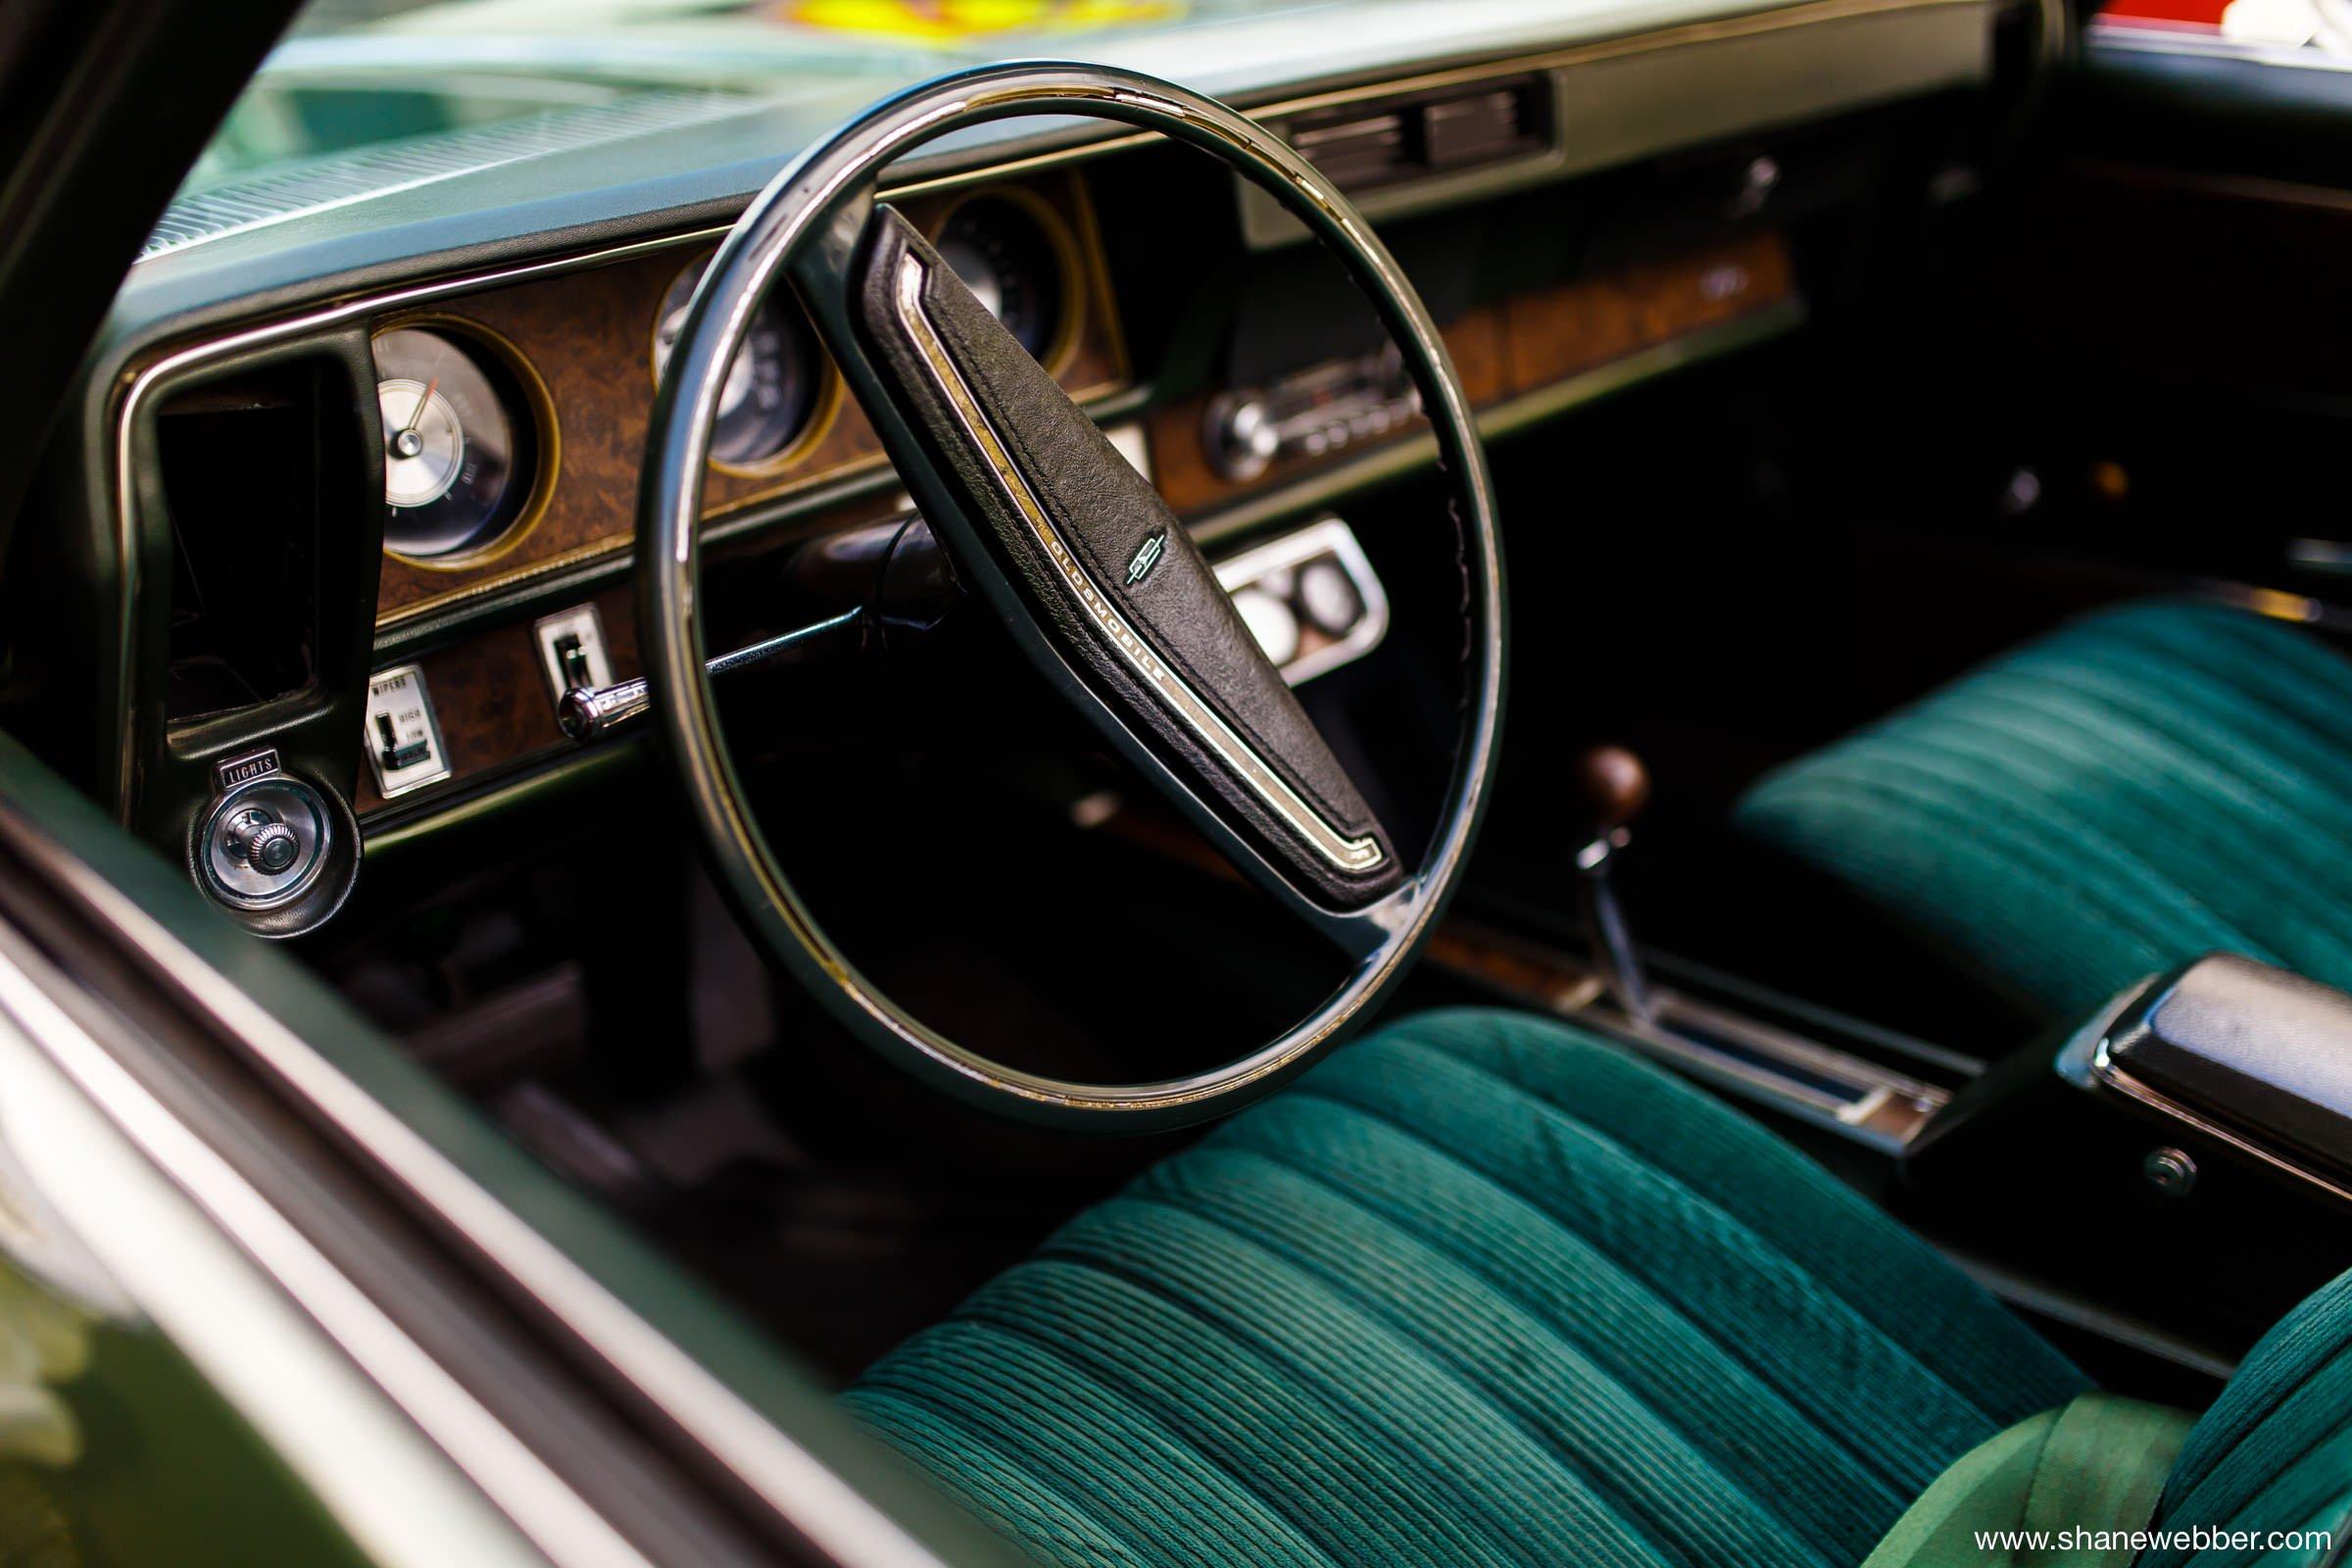 Classic American vintage wedding car